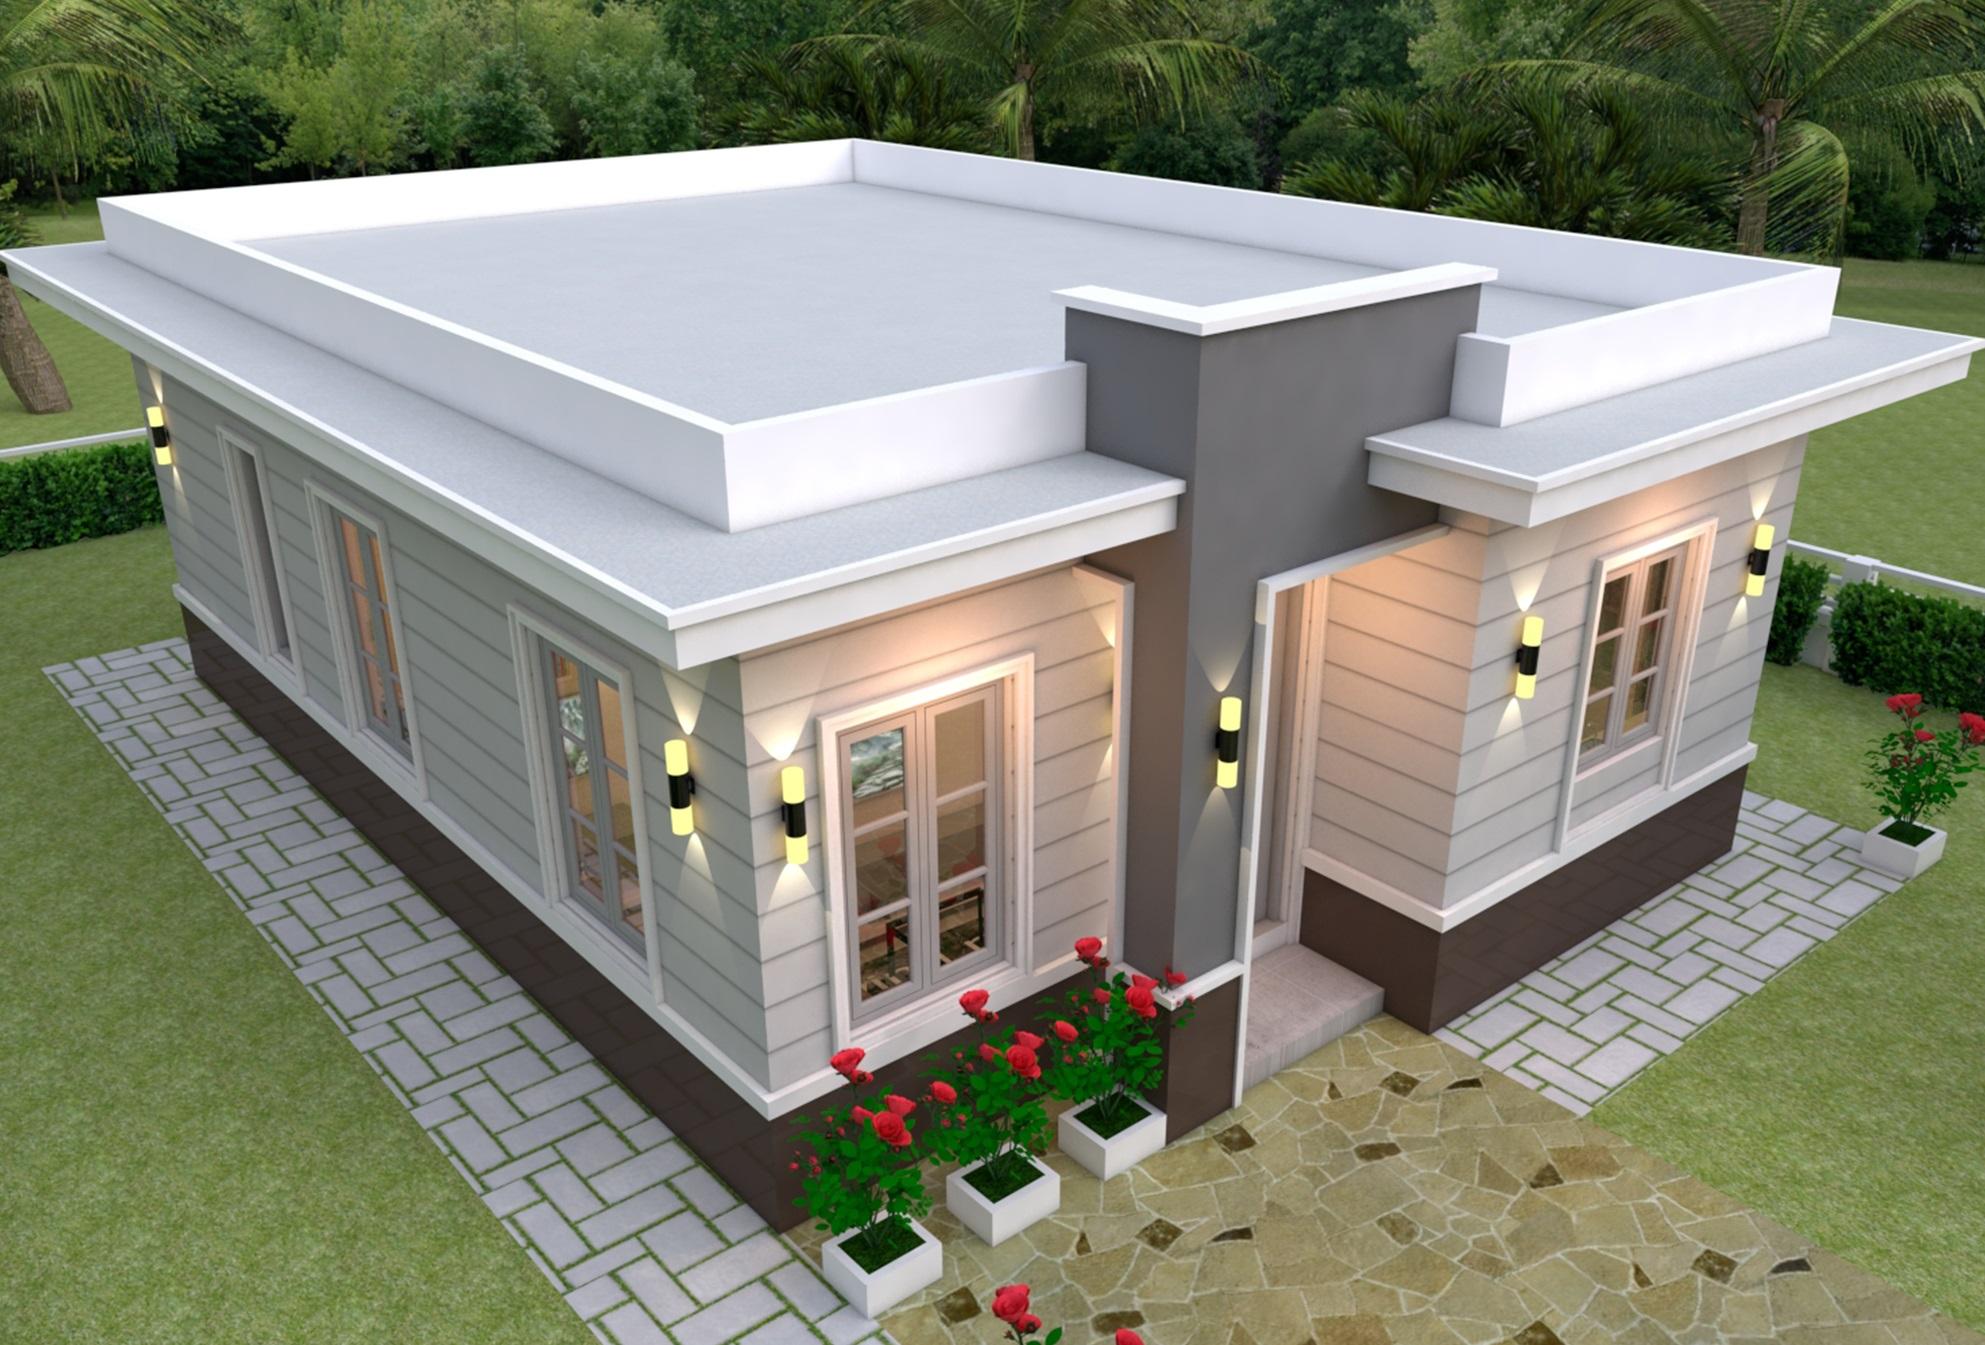 20 Contoh Desain Rumah Sederhana dan Minimalis